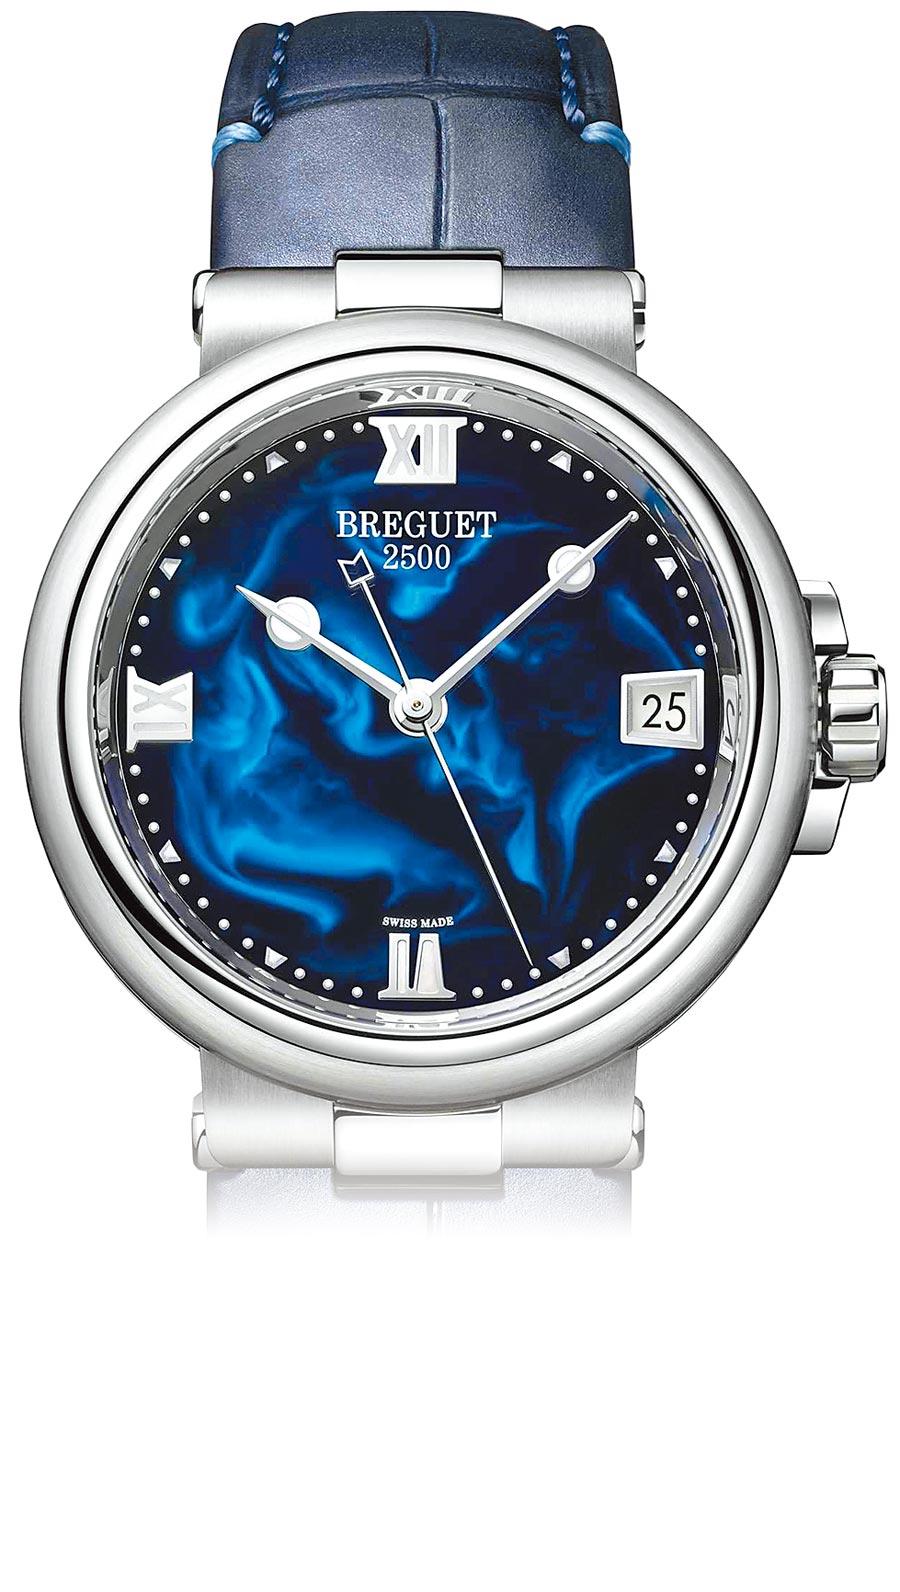 寶璣航海系列Marine Dame 9517女表,藍色亮漆面盤搭配藍色皮革表帶,56萬9000元。(Breguet提供)